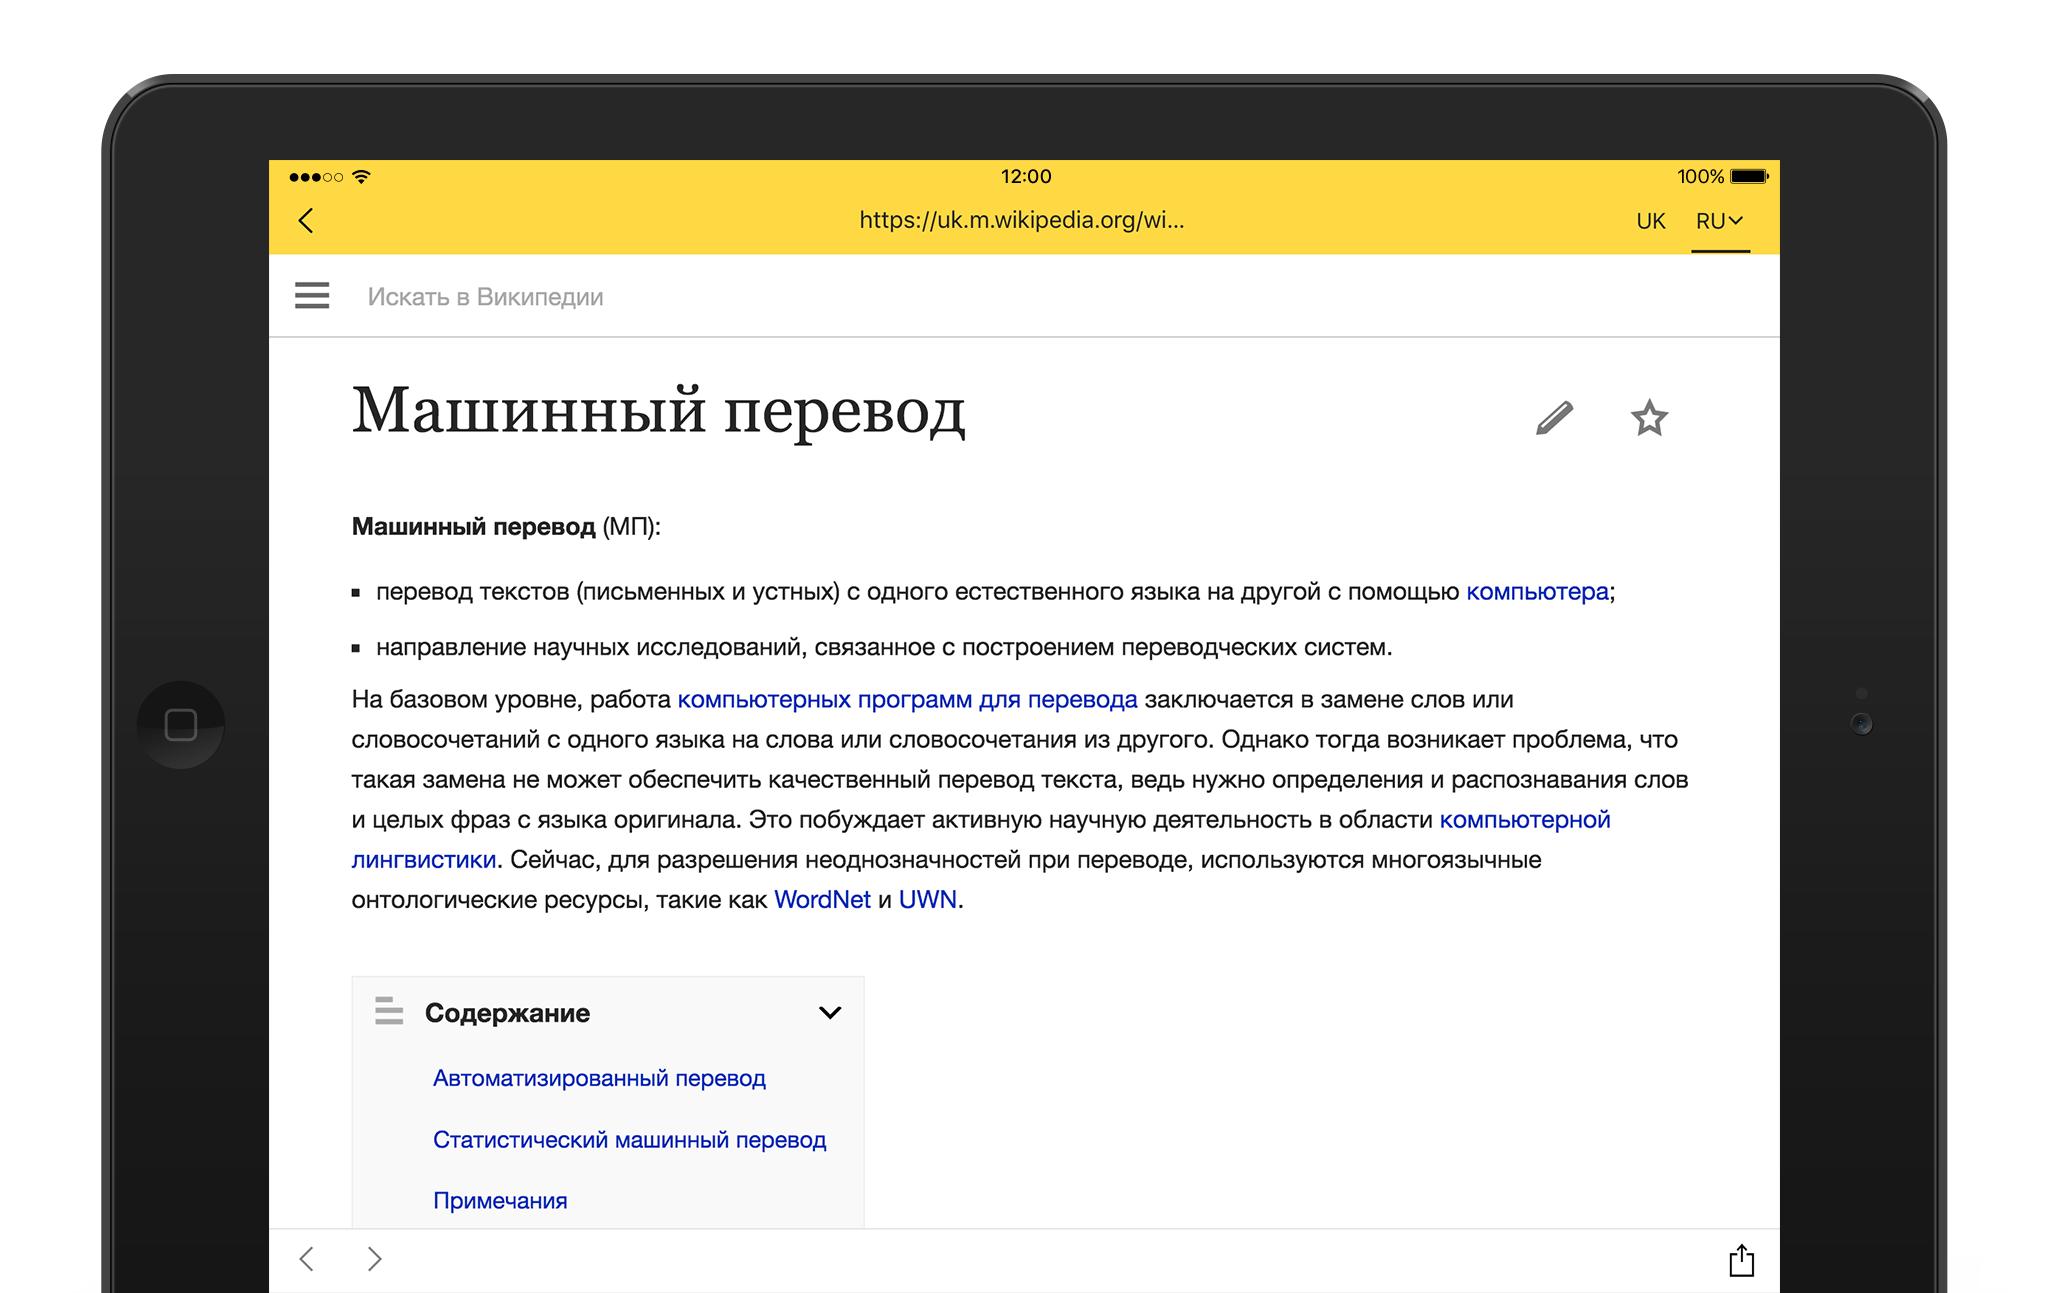 яндекс русско татарский словарь онлайн переводчик |